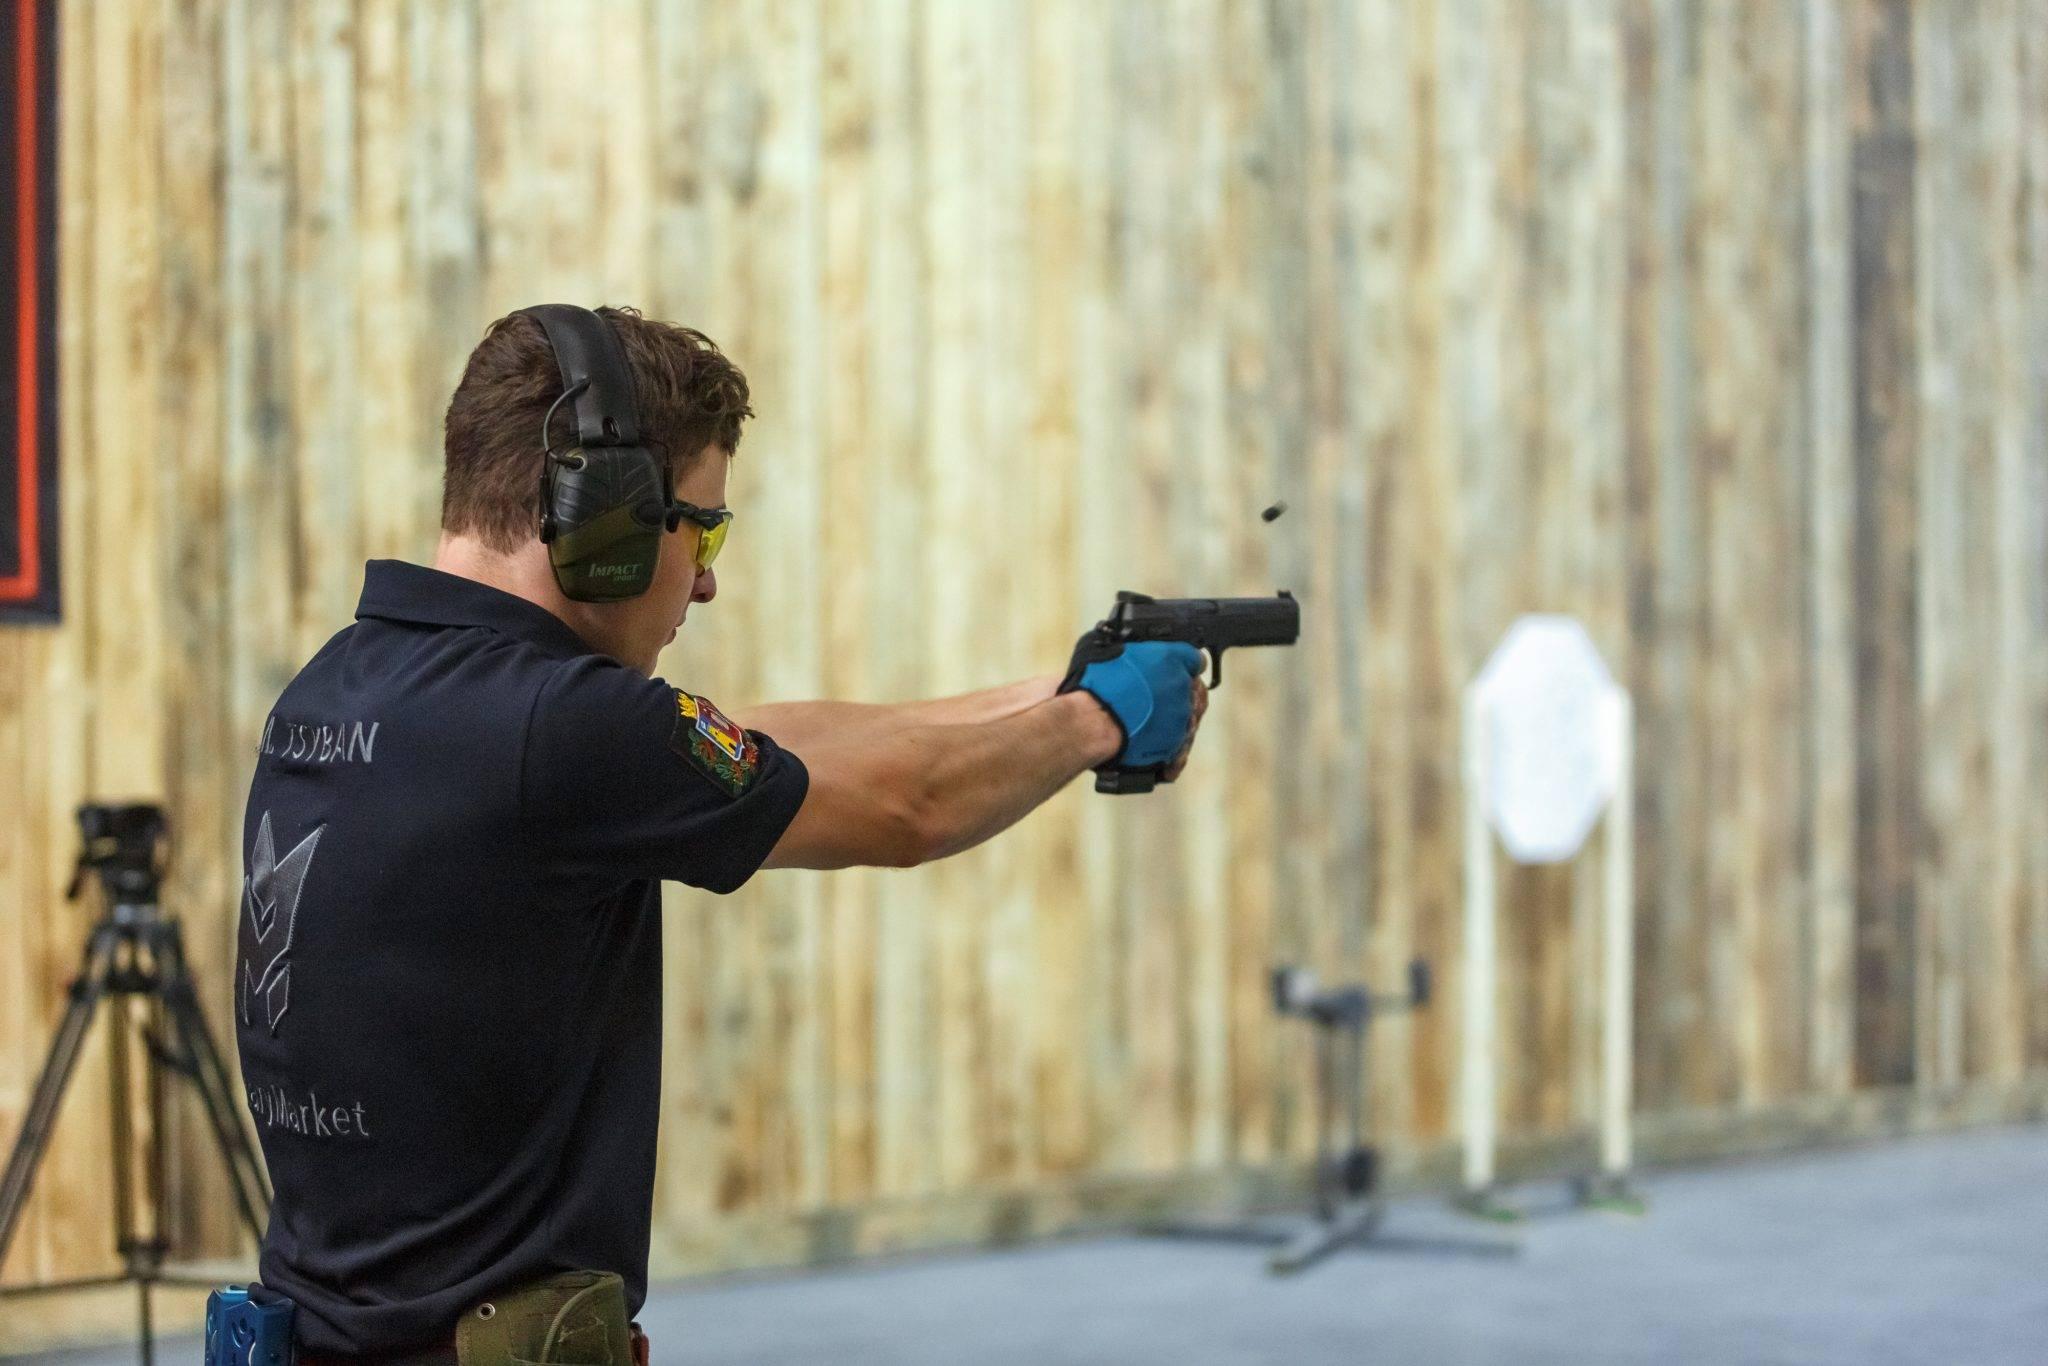 Глава 14. спортивный пистолеттехнические элементы дуэльной стрельбыучебно-методическое пособие «пулевая стрельба»